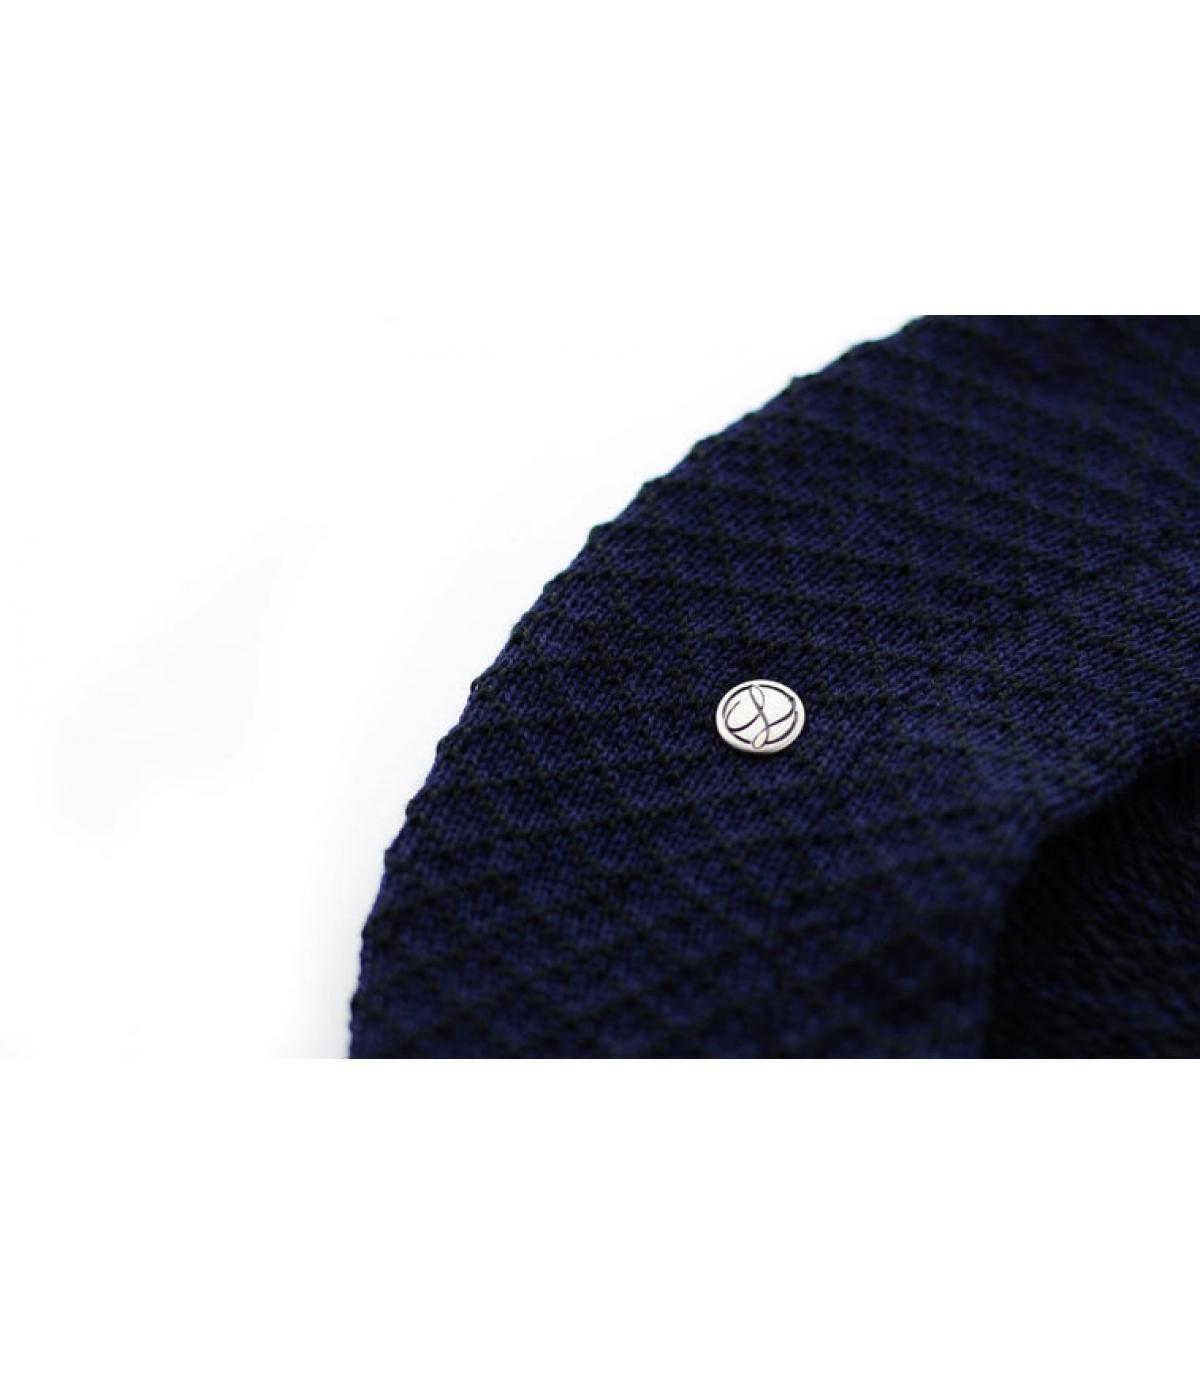 Héritage par Laulhère. boina azul de algodón Laulhère. Detalles Béret  Cotton midnight imagen 3 ... cdb2563dd76